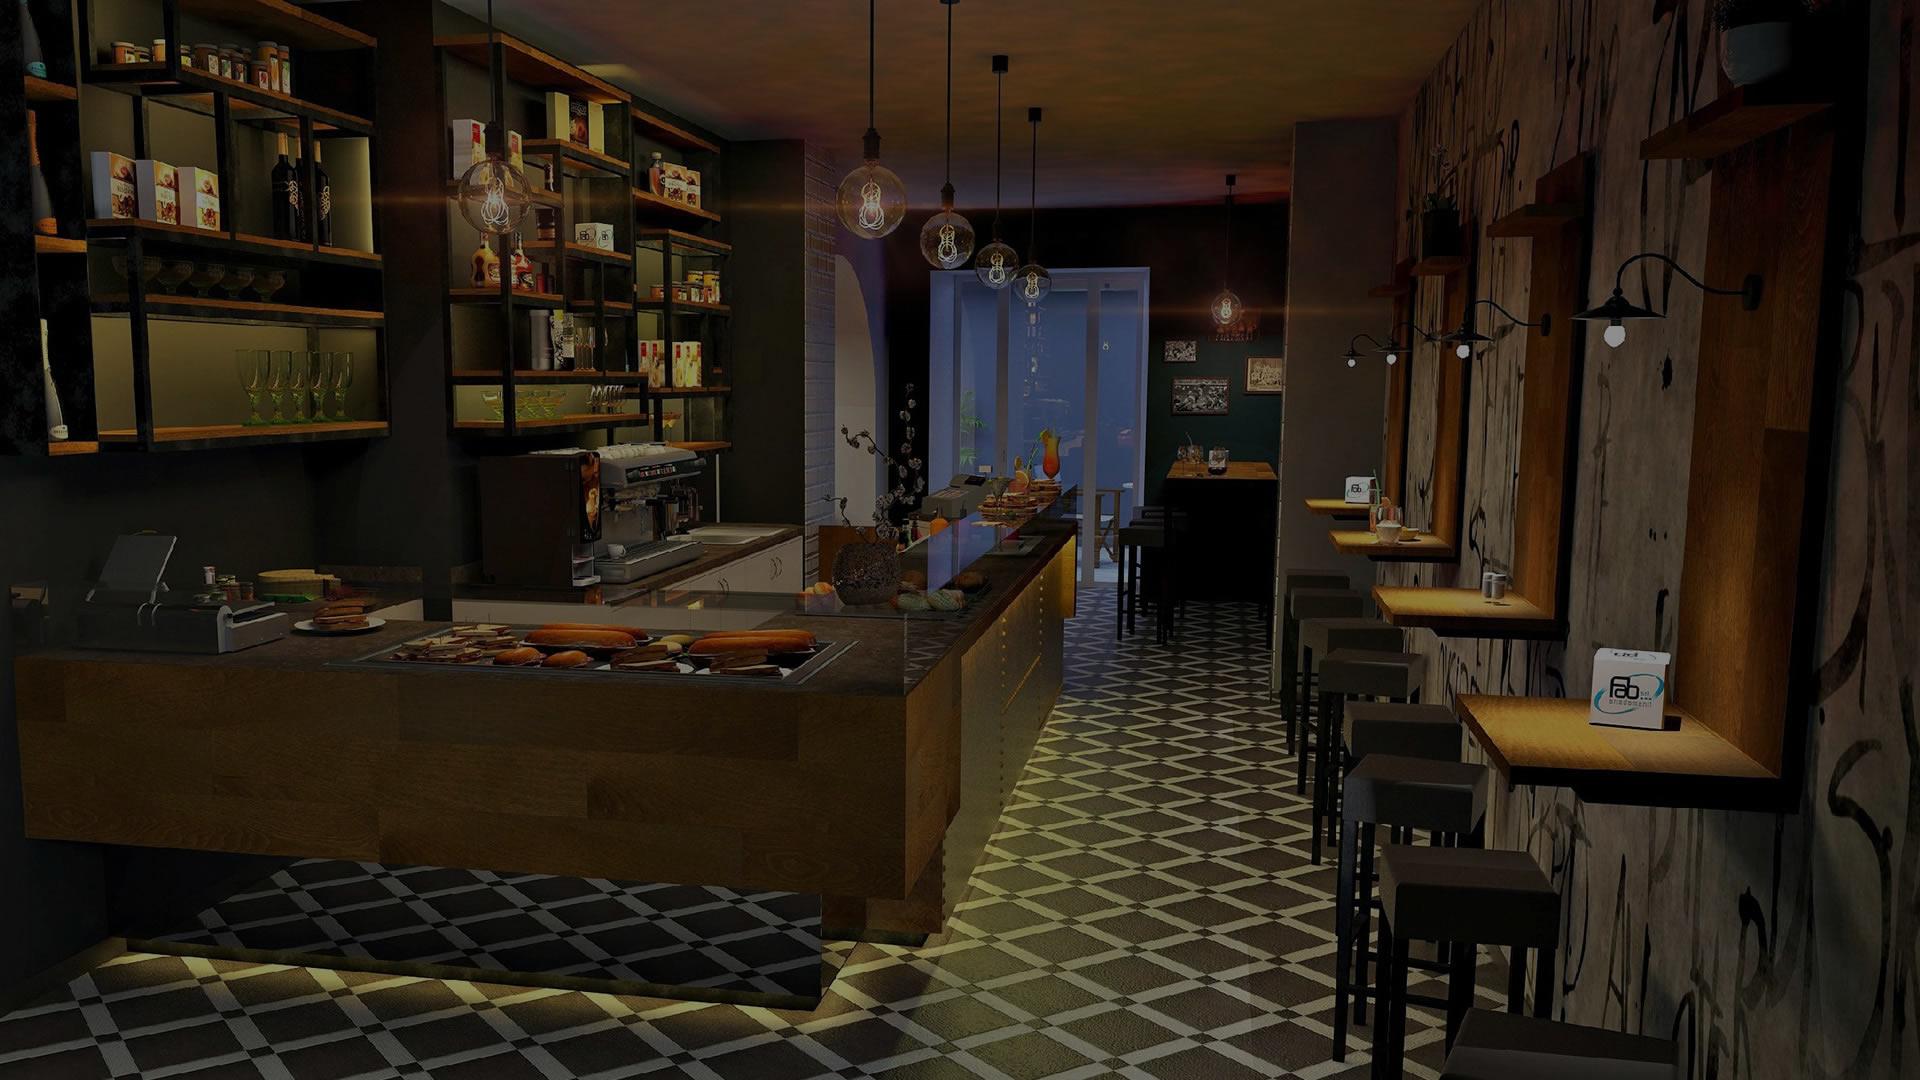 Panoramica di bar interamente ristrutturato e arredato su misura